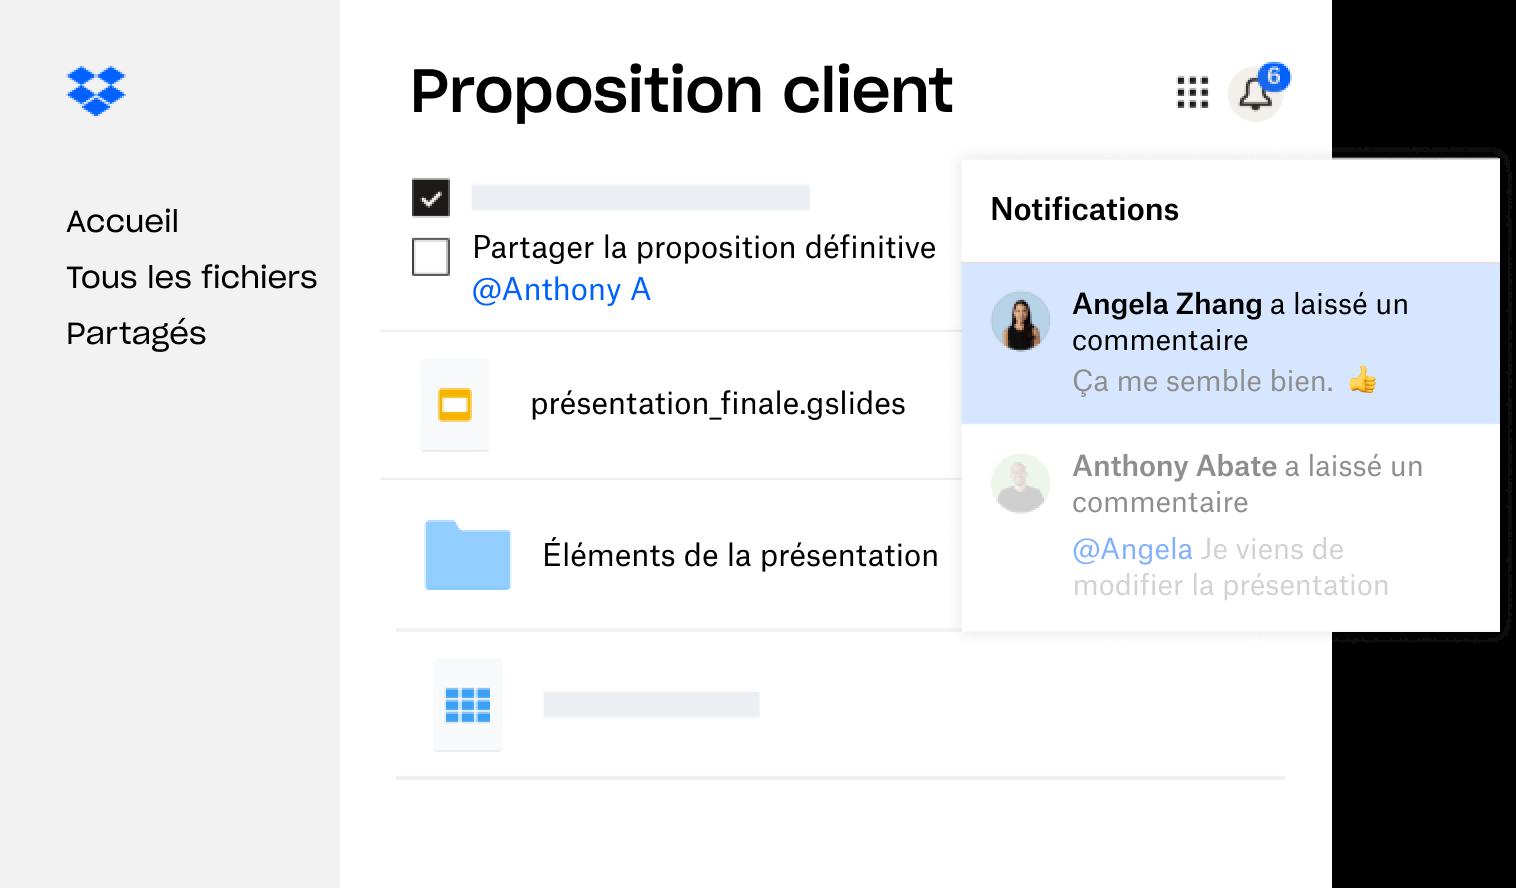 Une proposition client créée dans Dropbox est partagée avec plusieurs utilisateurs qui ont laissé des commentaires.